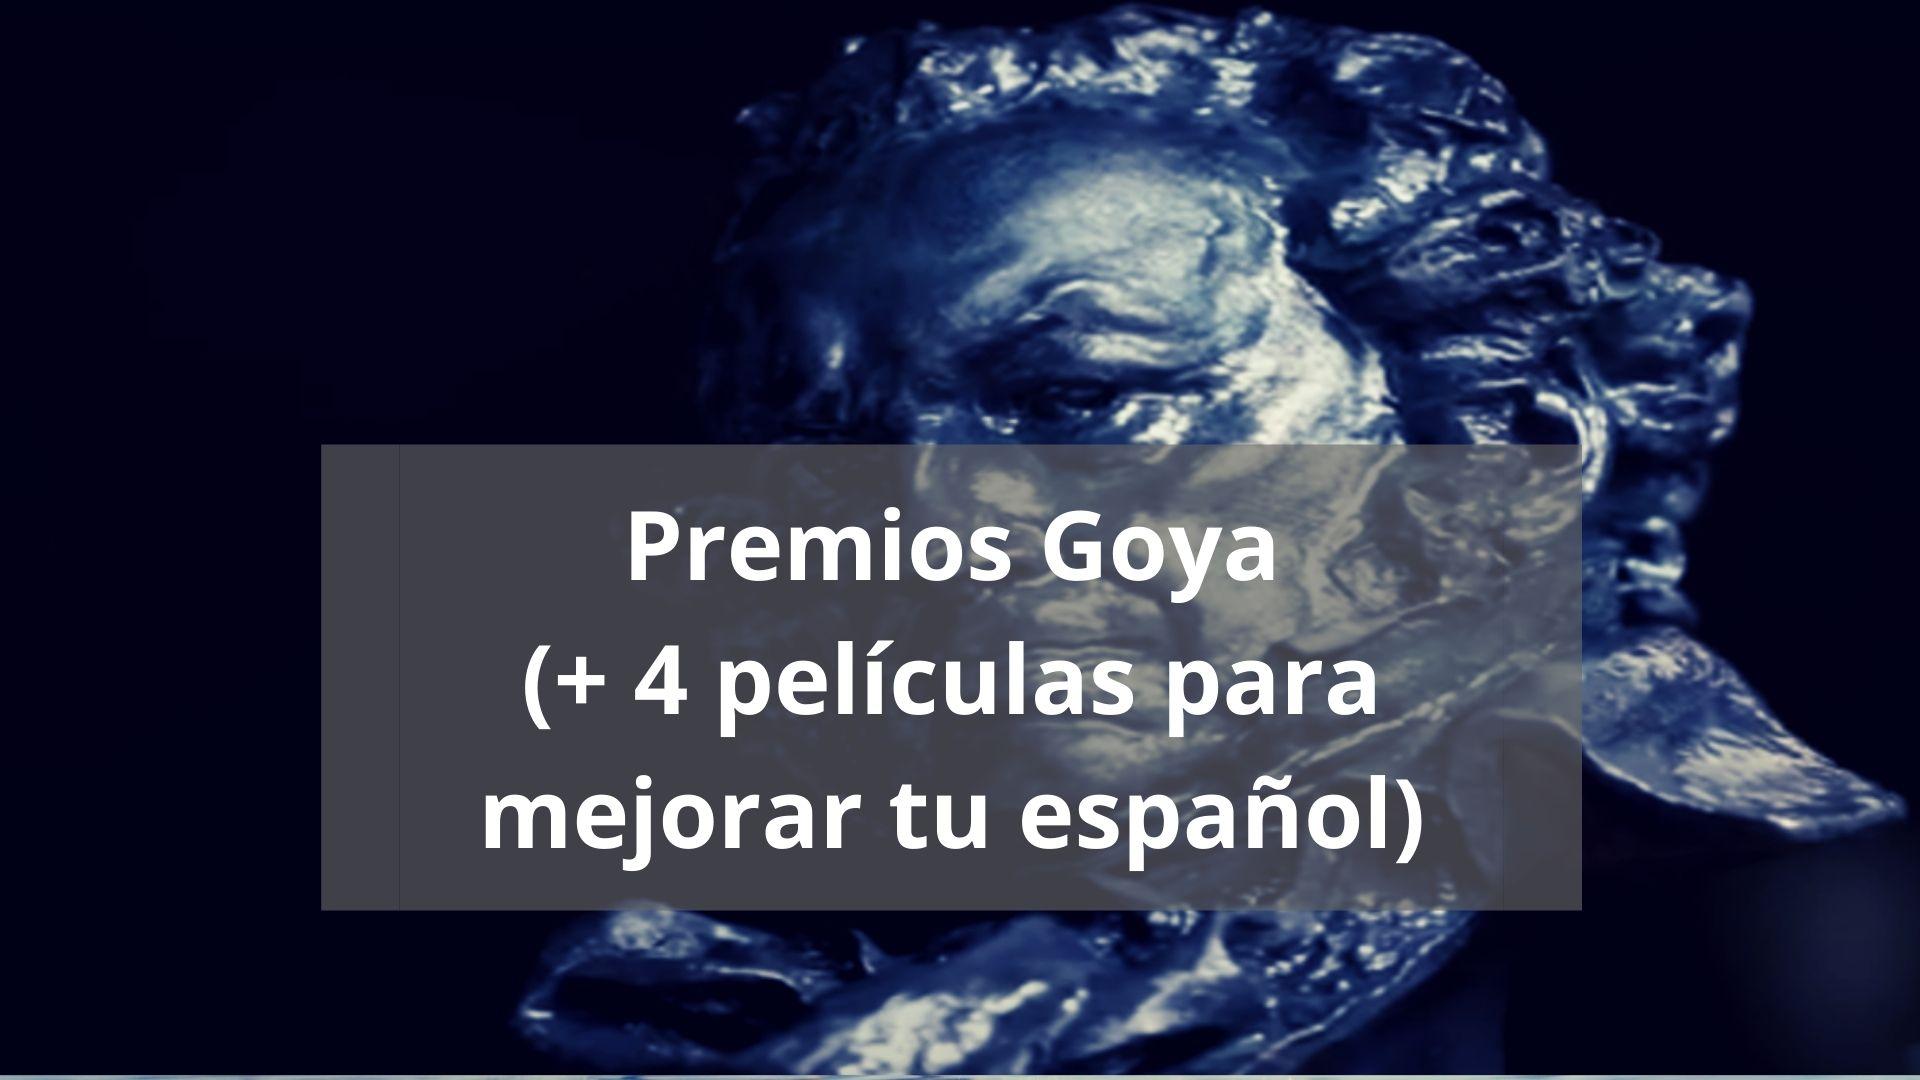 4 películas para aprender español: especial Premios Goya